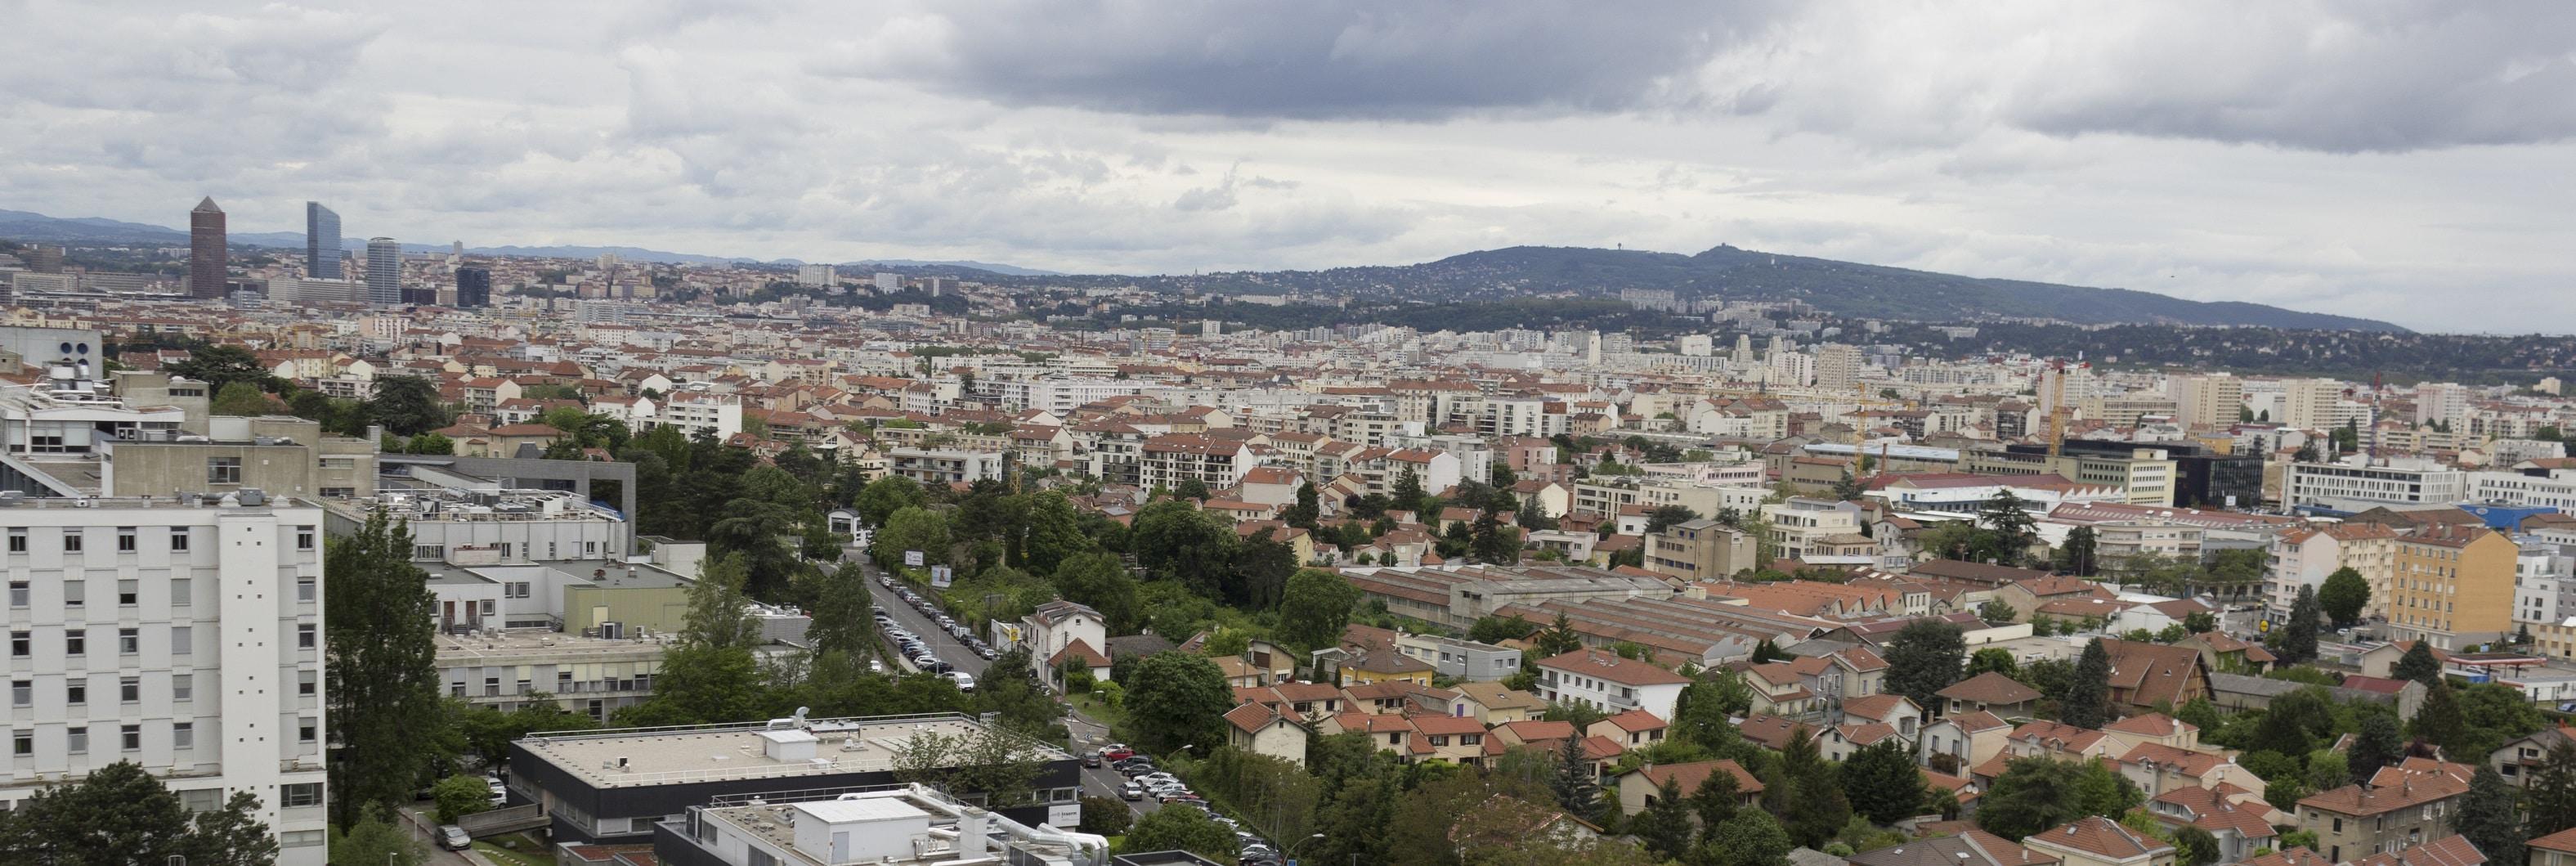 Le prix de l'immobilier en hausse à Lyon